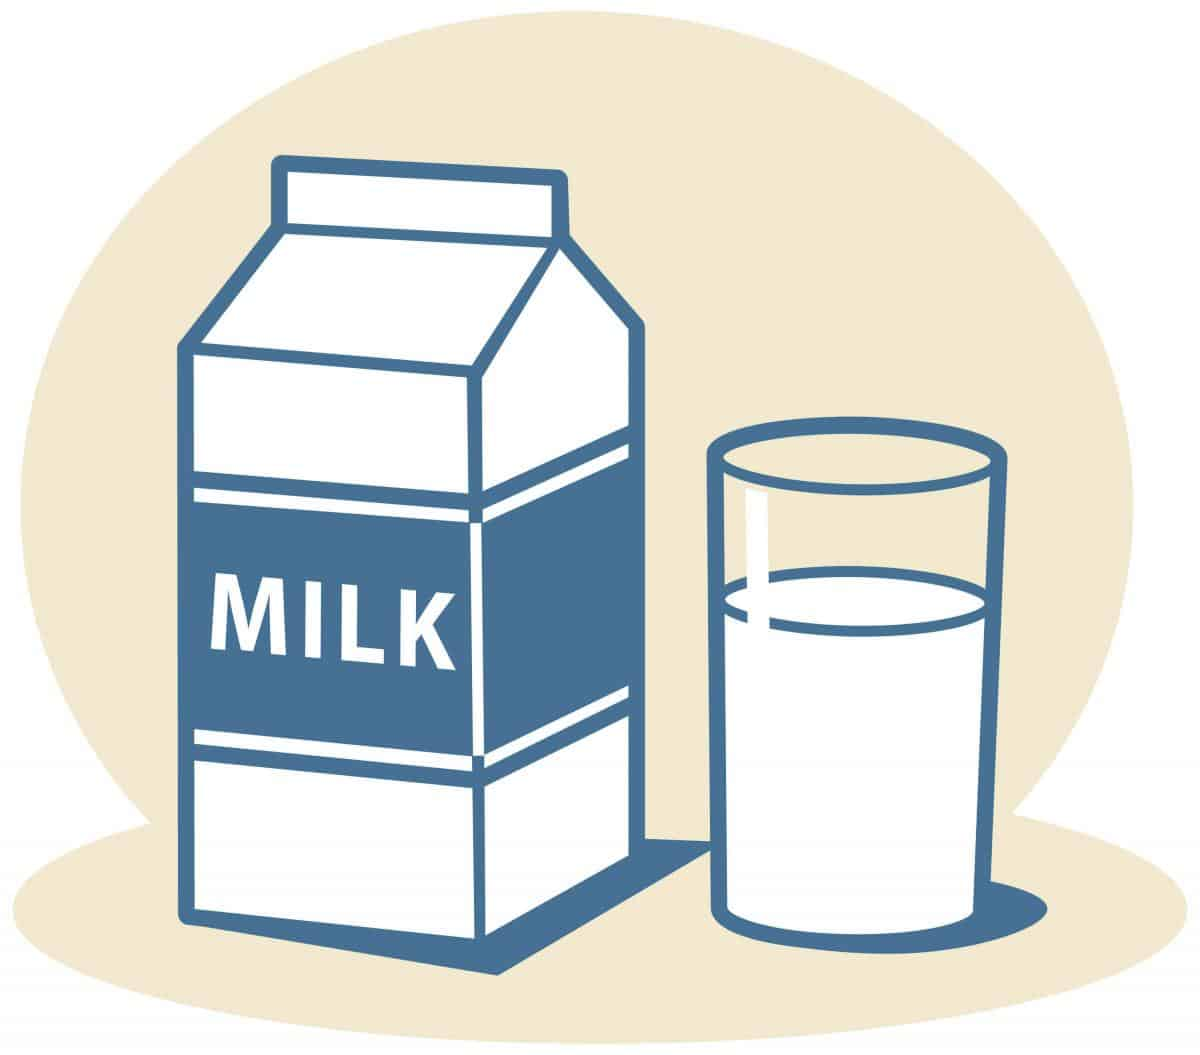 milk-pregnant-calcium